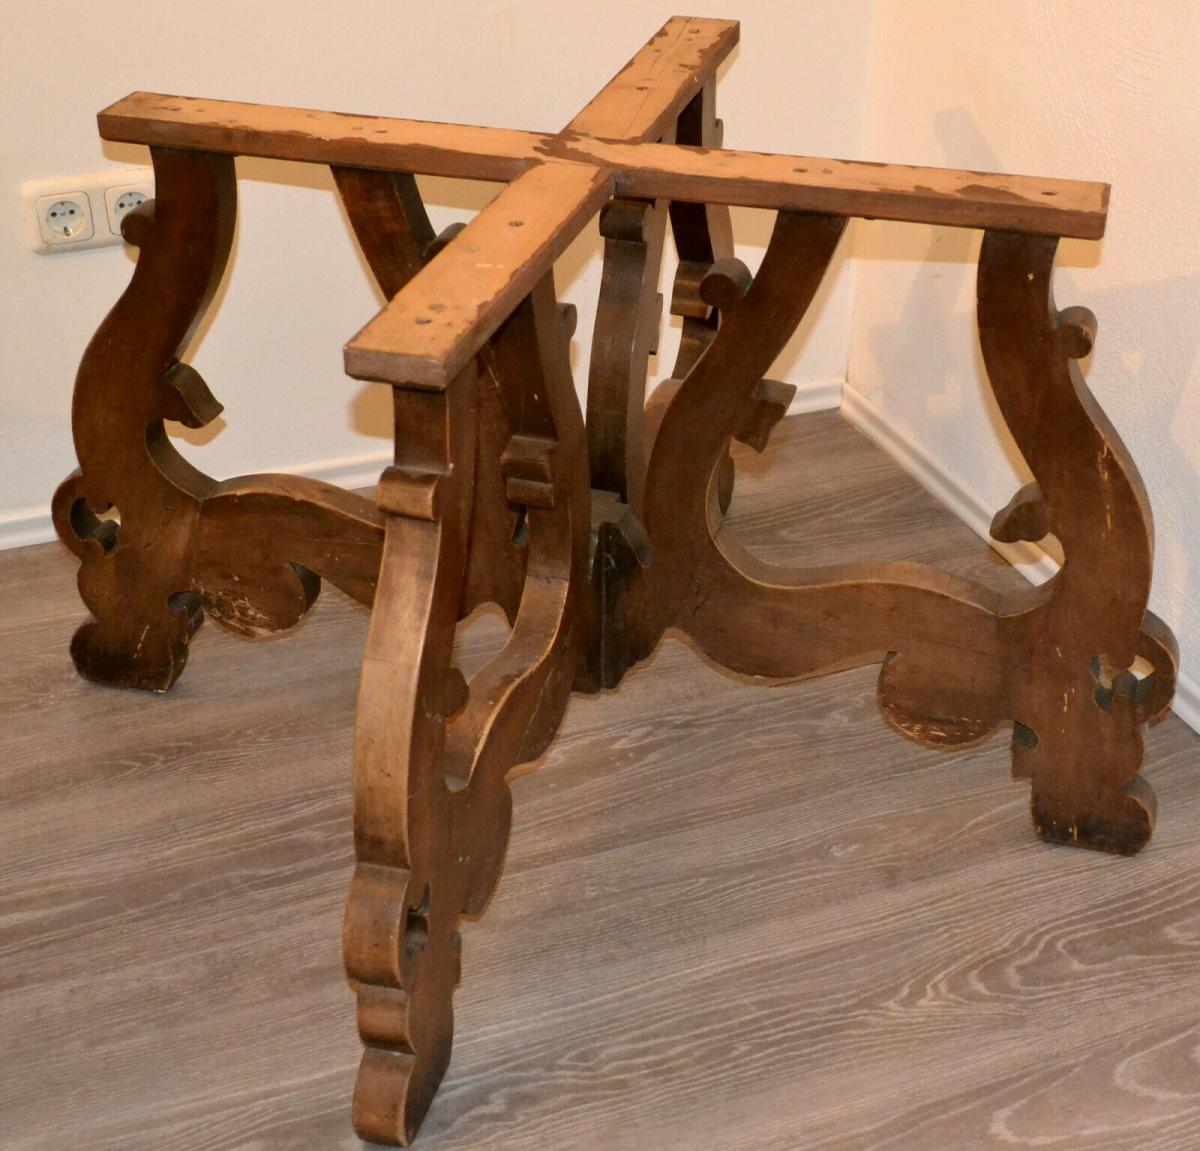 Möbel,runder Bauerntisch, alter Barockfuss, neue Platte,für Restaurator/Bastler 1